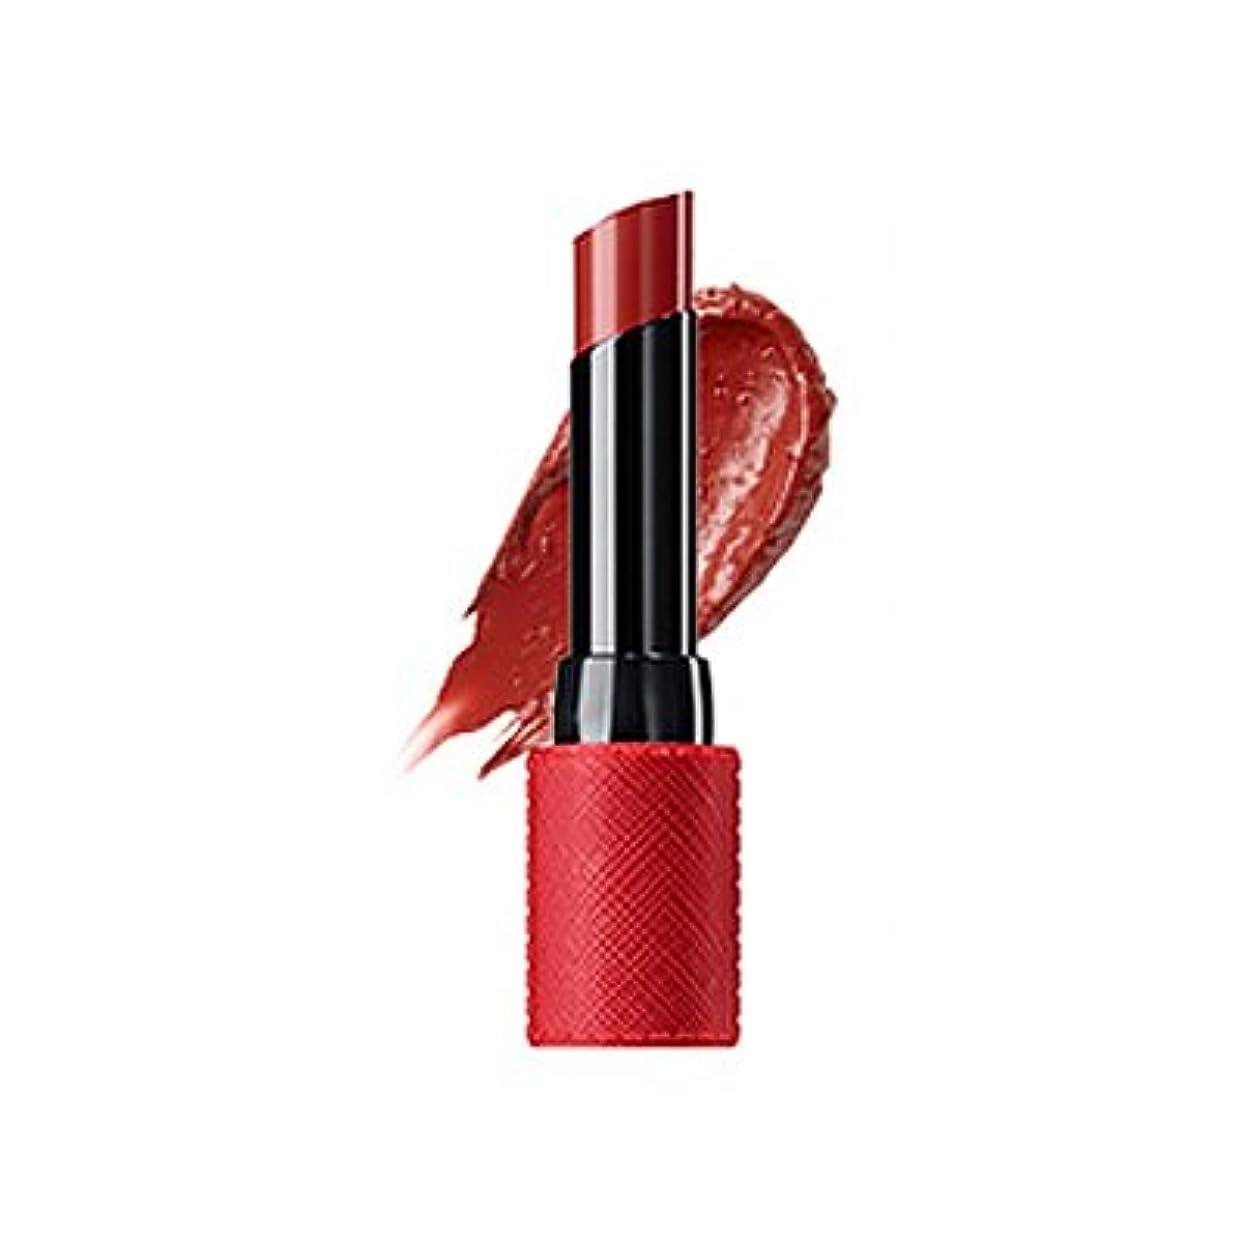 パーセントカールリスナー【The Saem】ザセム キスホリック リップスティック S レッドブリック/Kissholic Lipstick S Red Brick / RD06